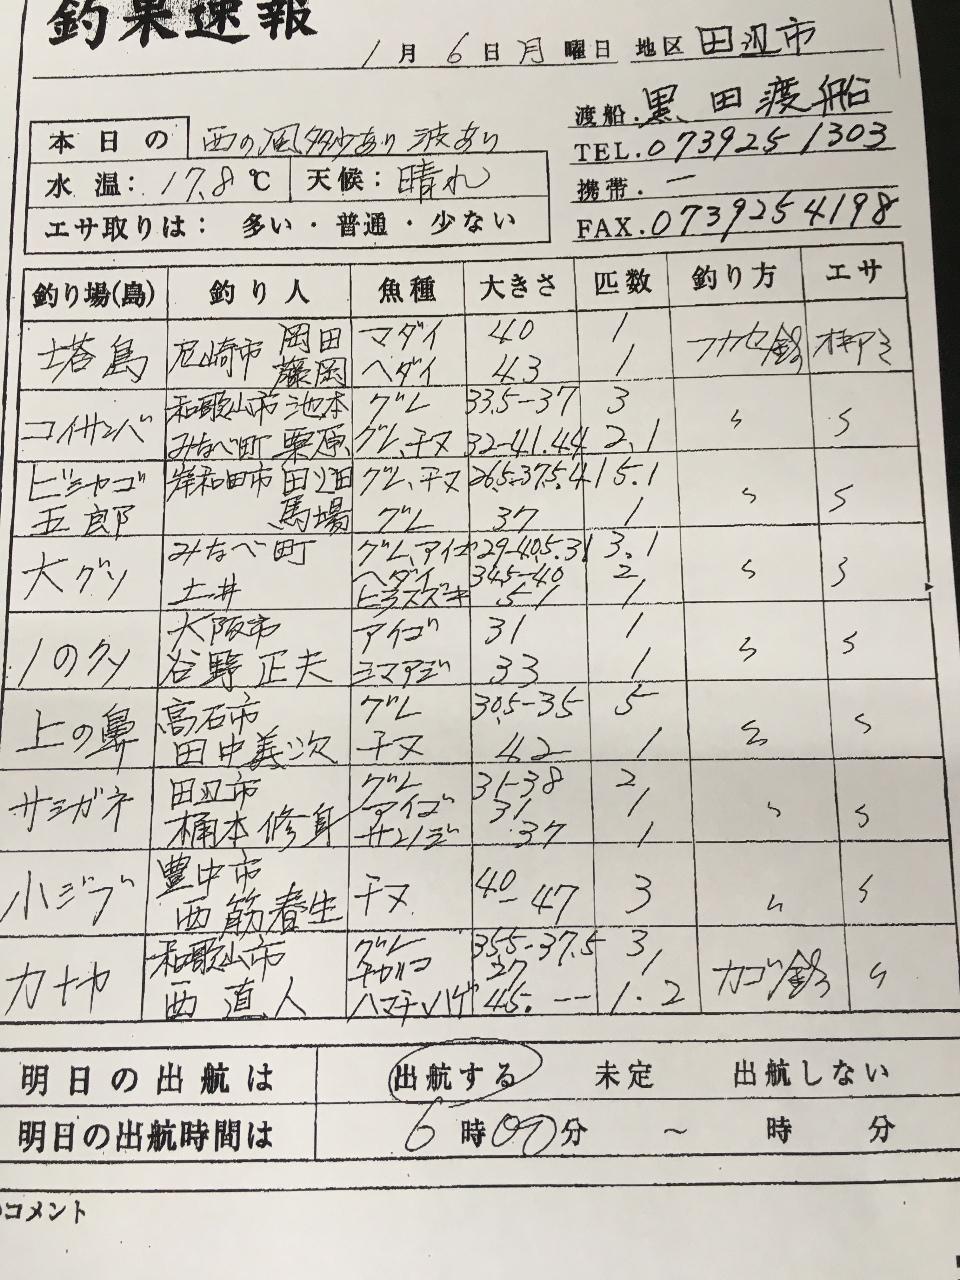 1/6田辺 黒田渡船さん釣果